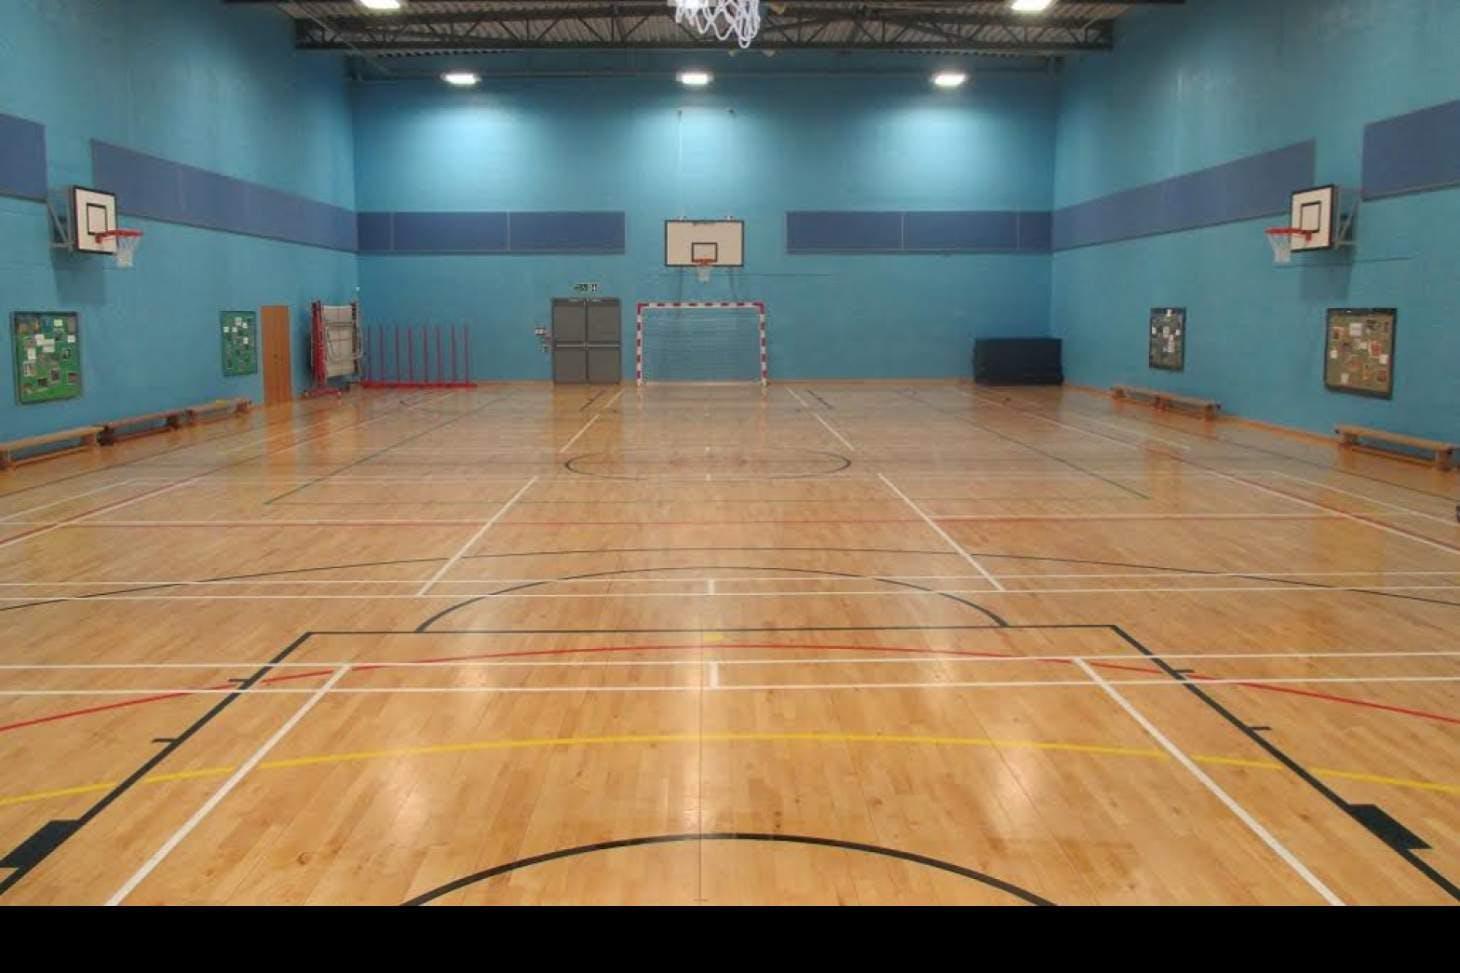 Prendergast Vale School Indoor basketball court